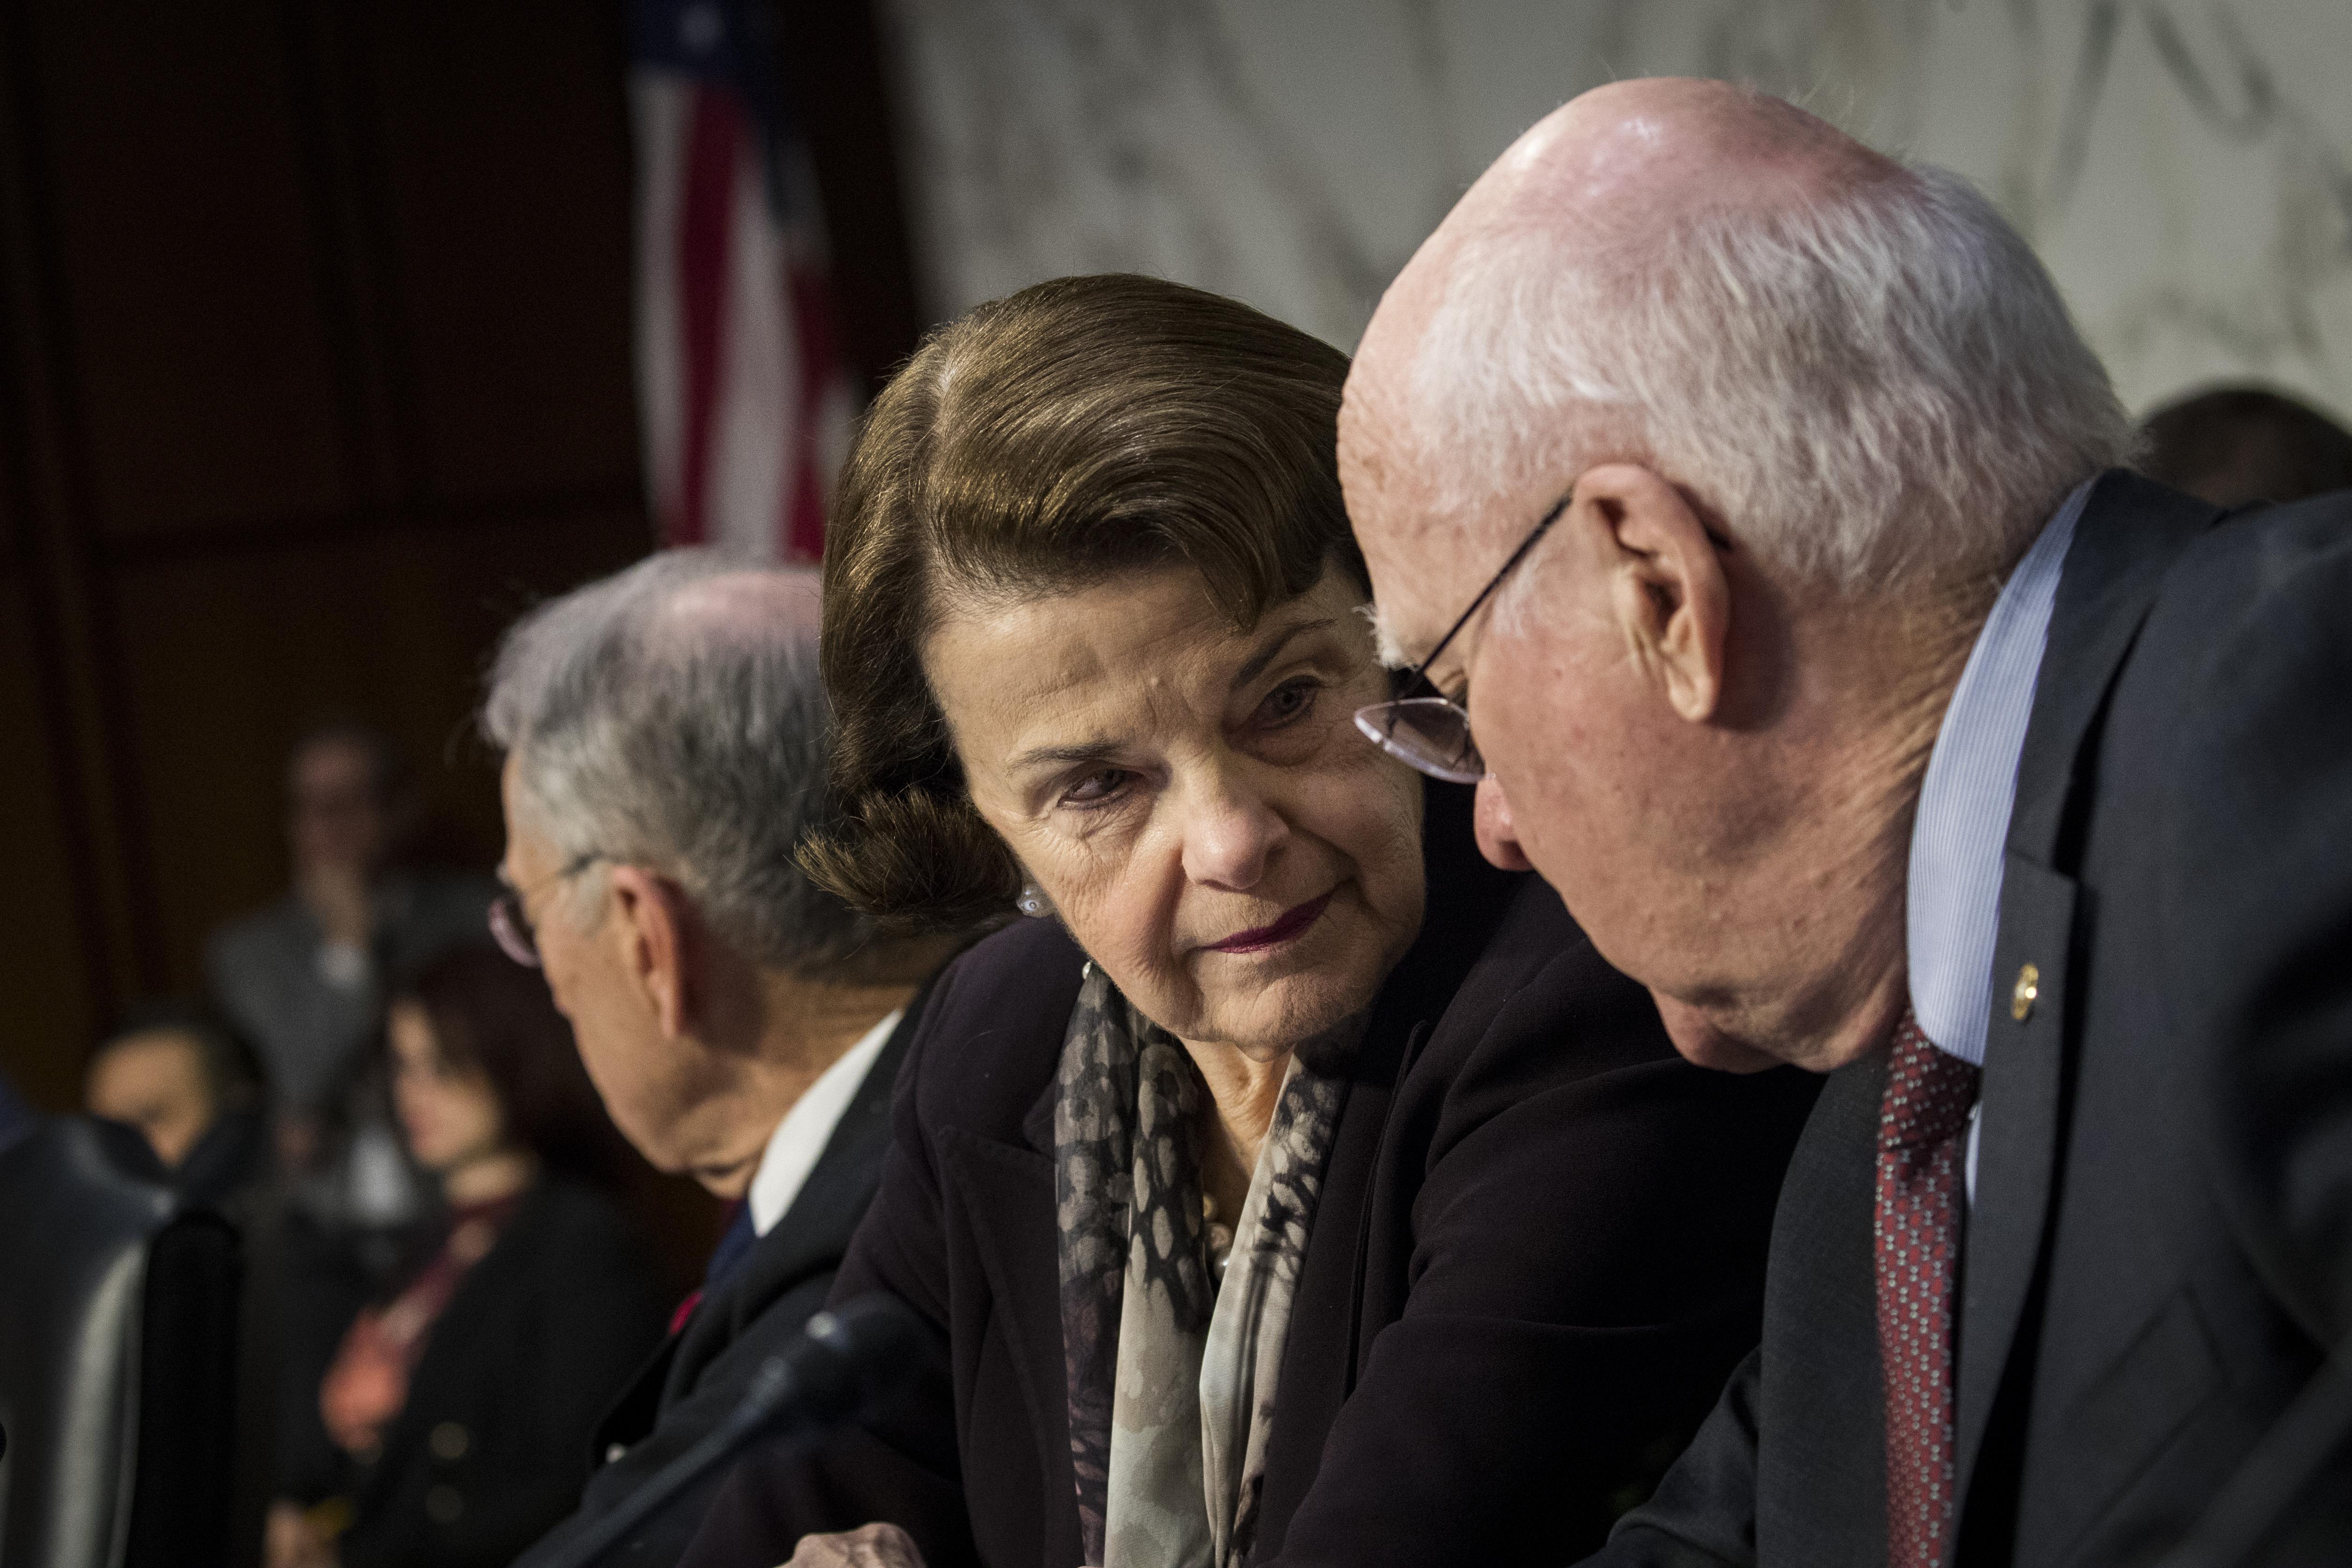 Sen. Dianne Feinstein and Sen. Patrick Leahy at a hearing.